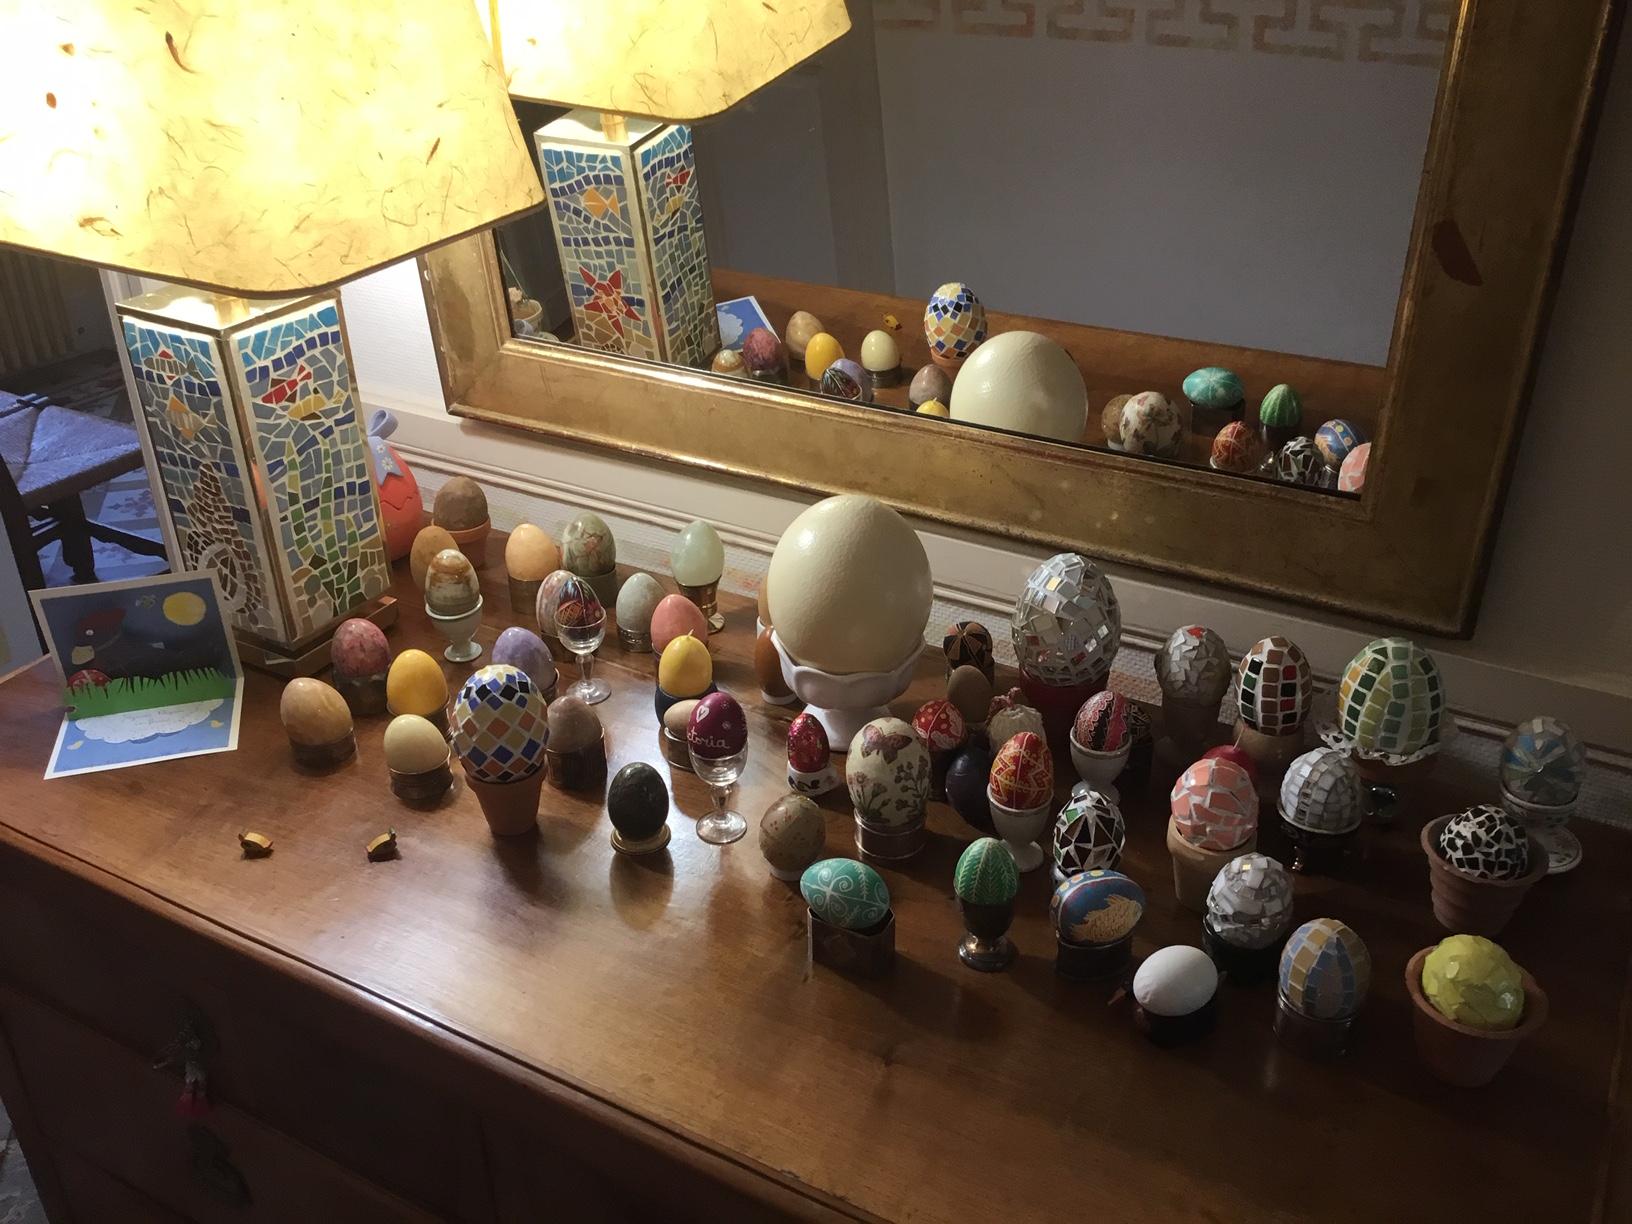 ça fait vraiment joli tous ces œufs!